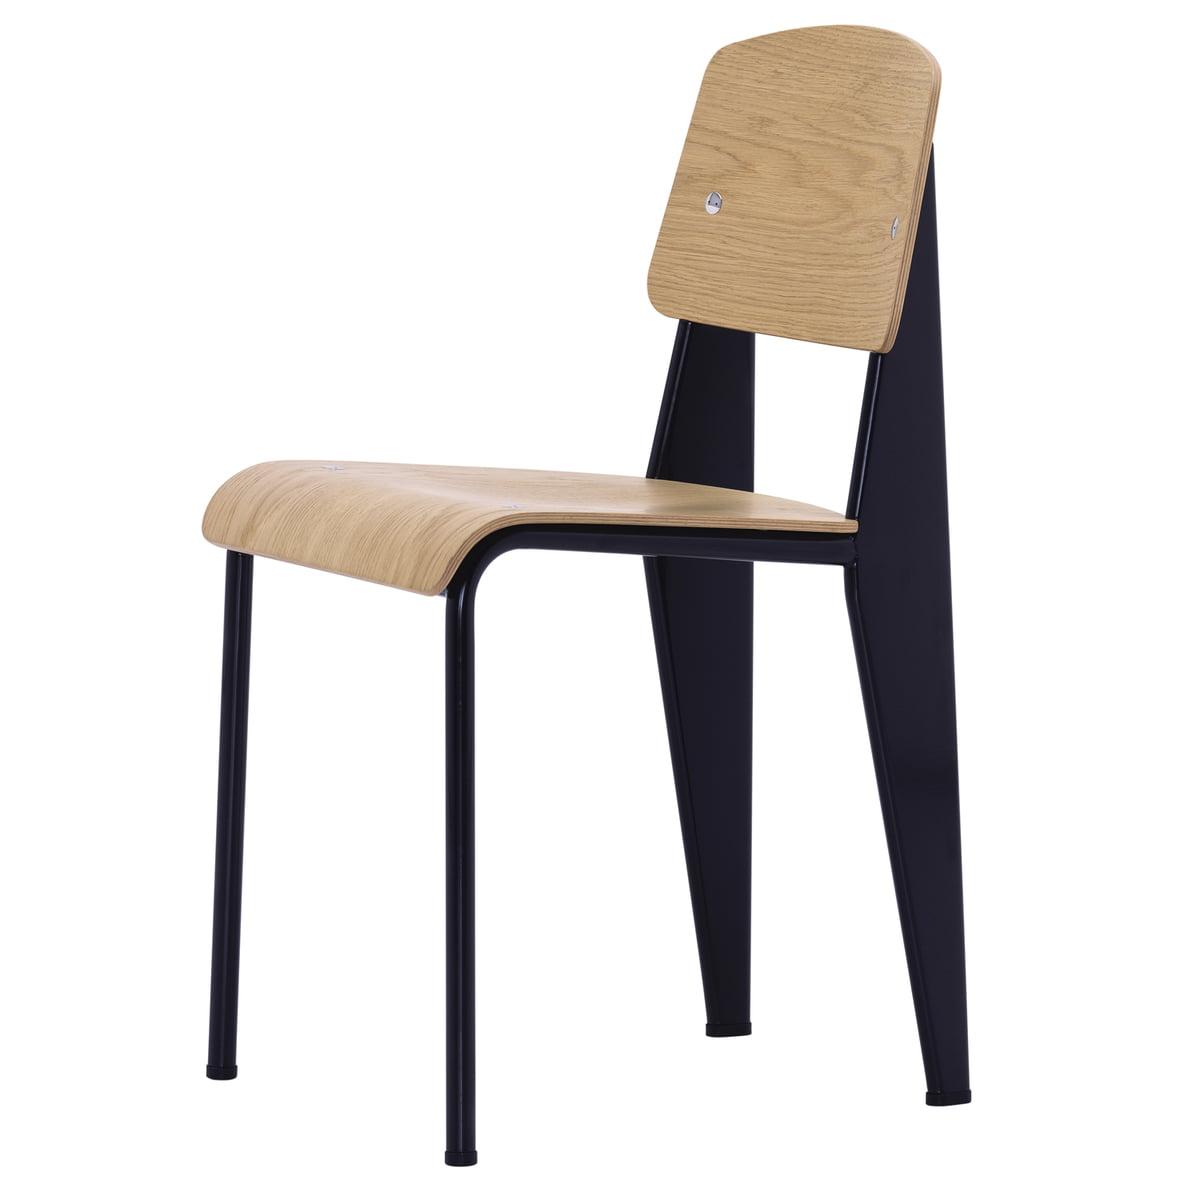 Standard stuhl eiche hell schwarz